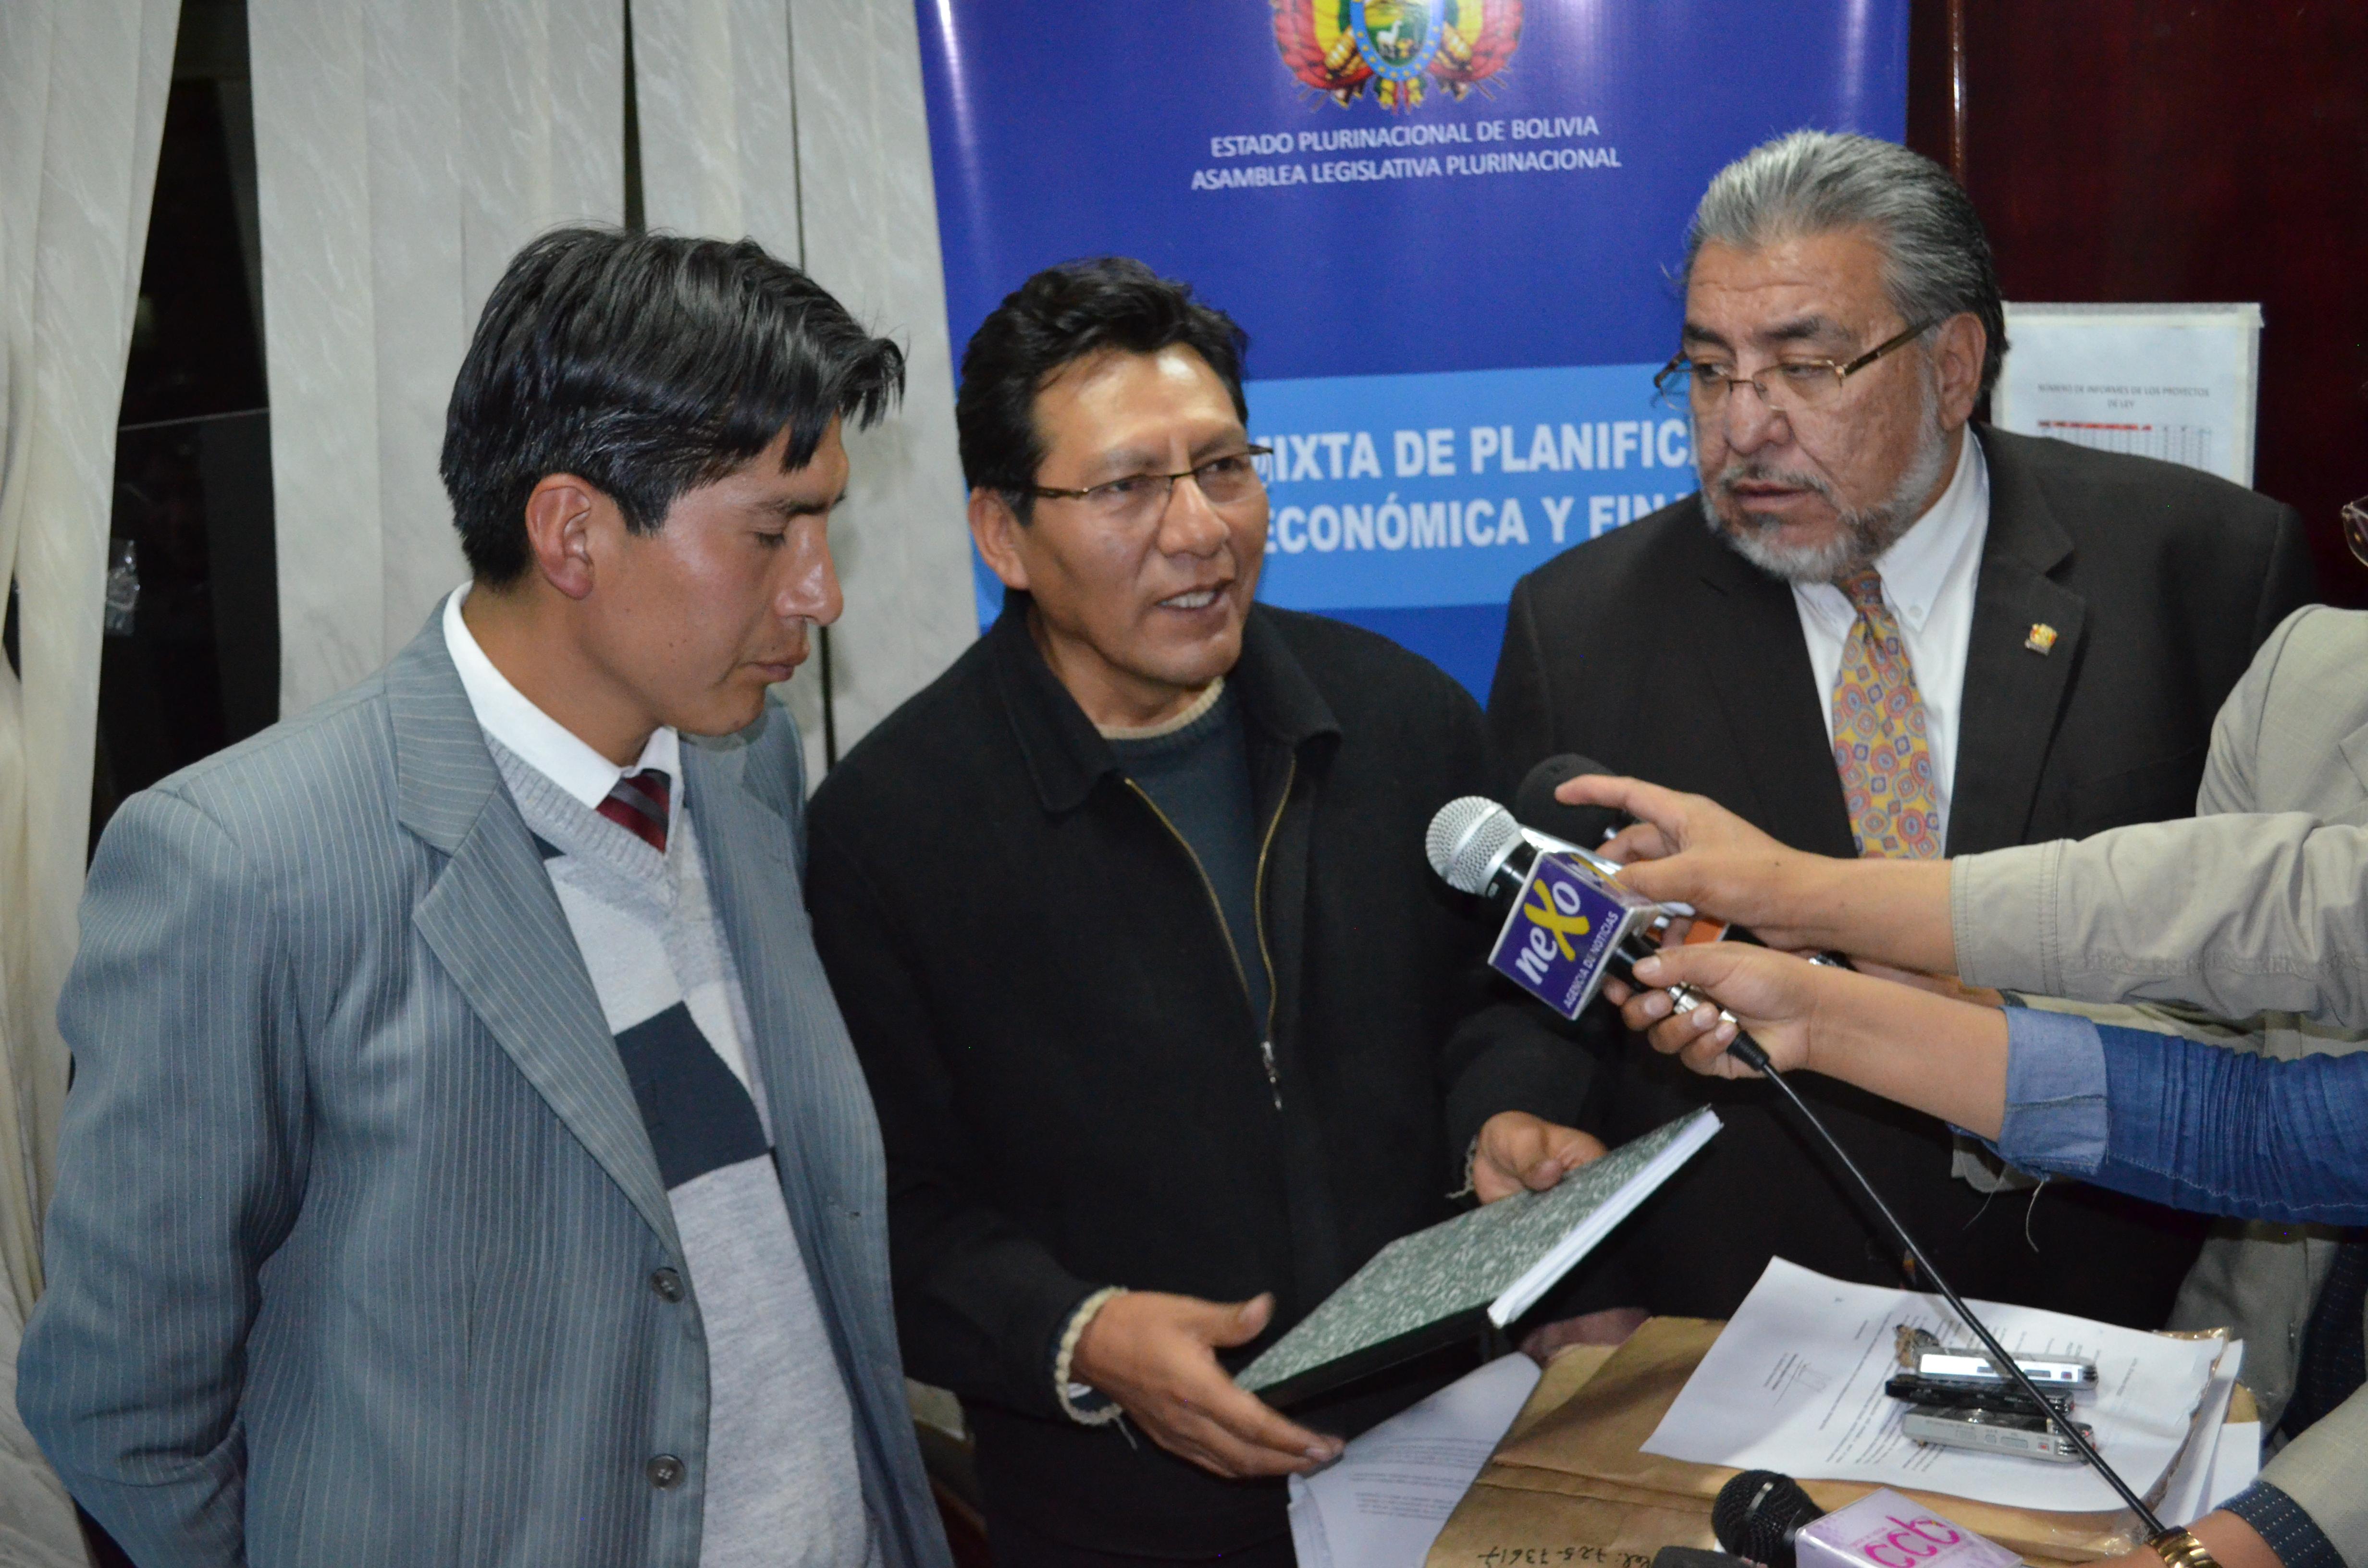 Comisión Mixta de Planificación registra 77 postulantes al cierre de la Convocatoria para Contralor General